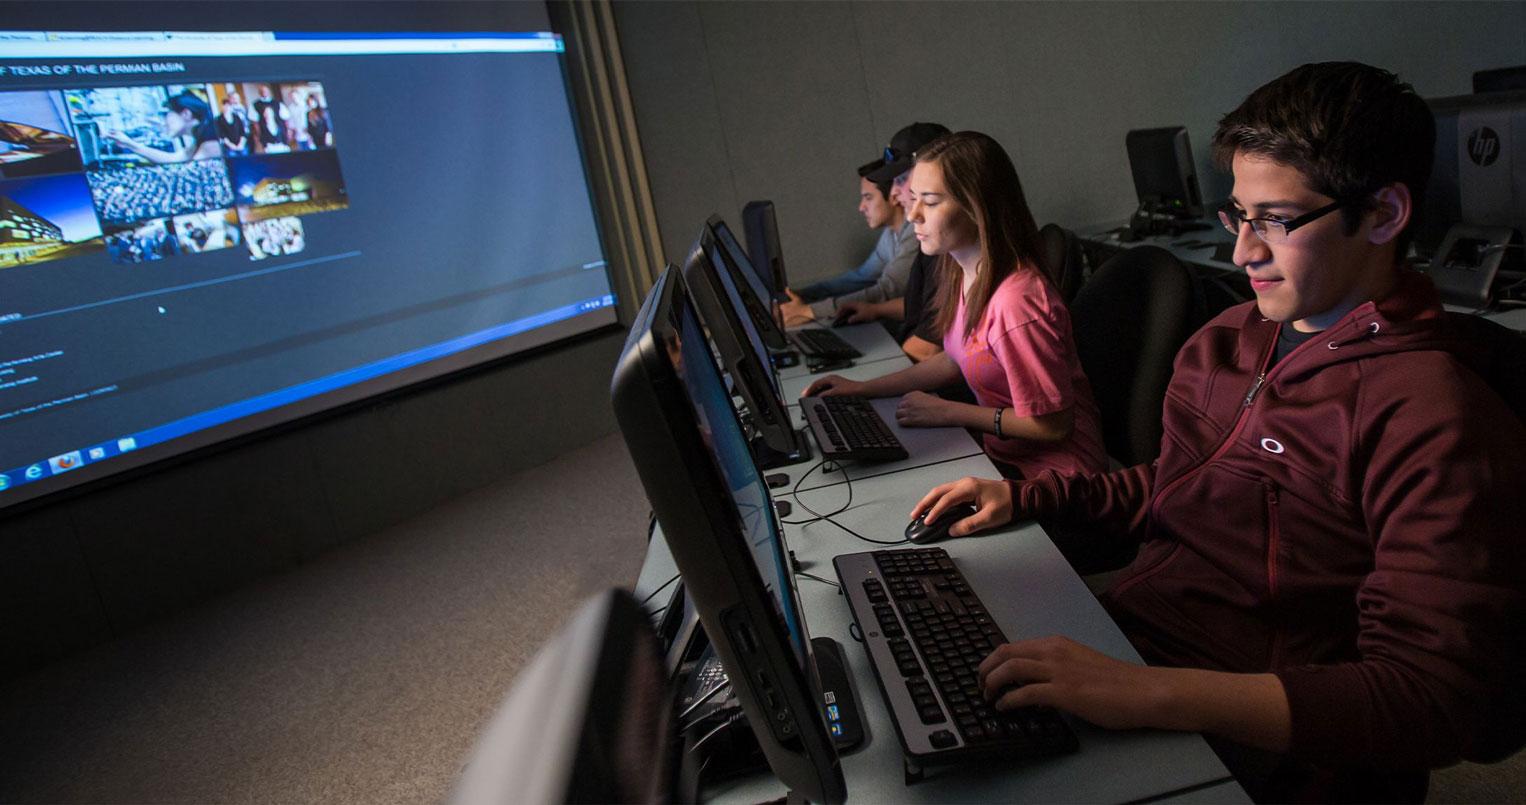 Computer Science3-1.jpg